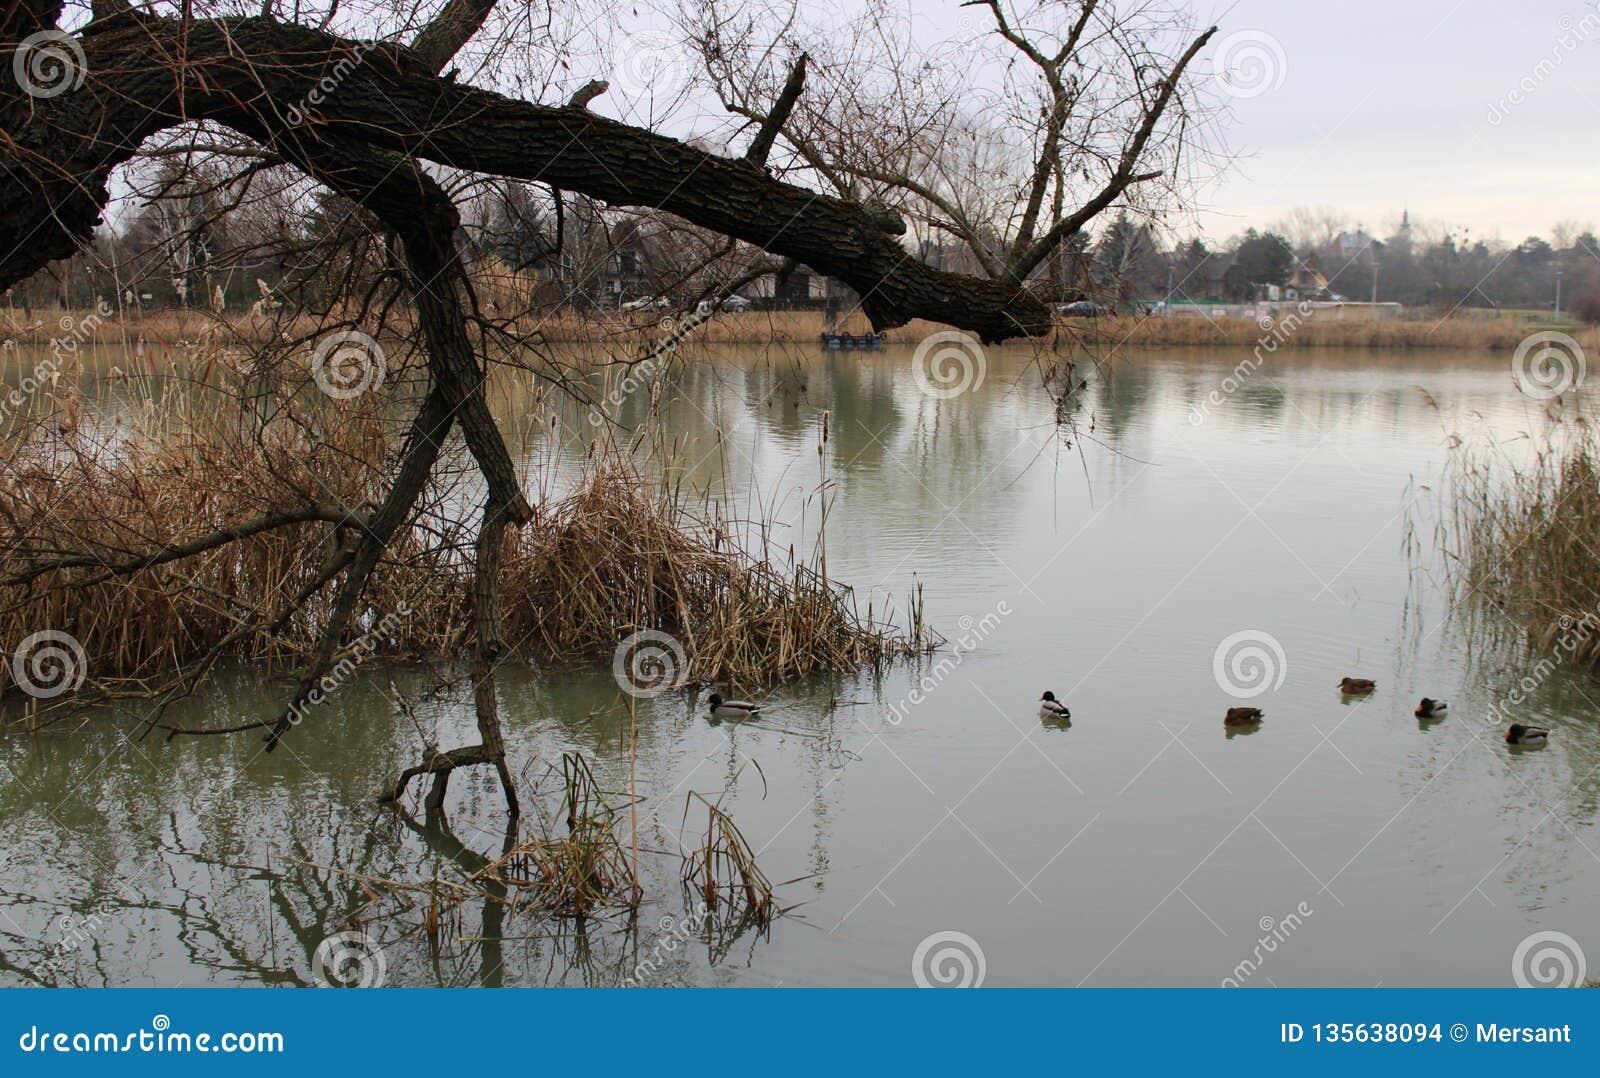 River Danube in winter